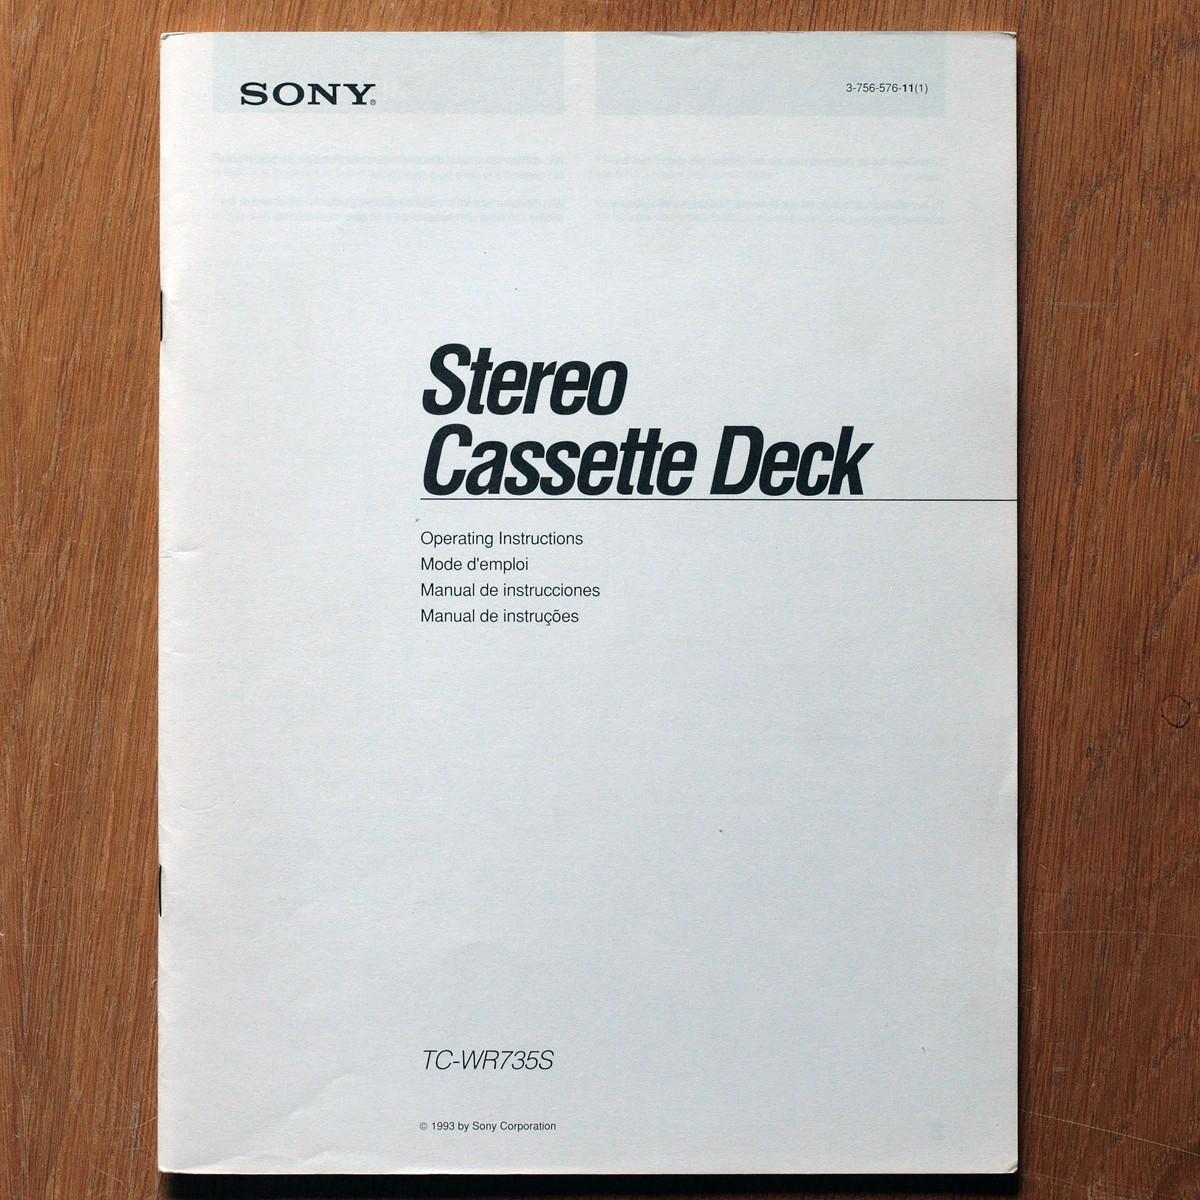 Sony • Magnétophone à cassettes • TC-WR735S • Manuel utilisateur • Operating instructons • Manual de instrucciones • Manual de instrucões